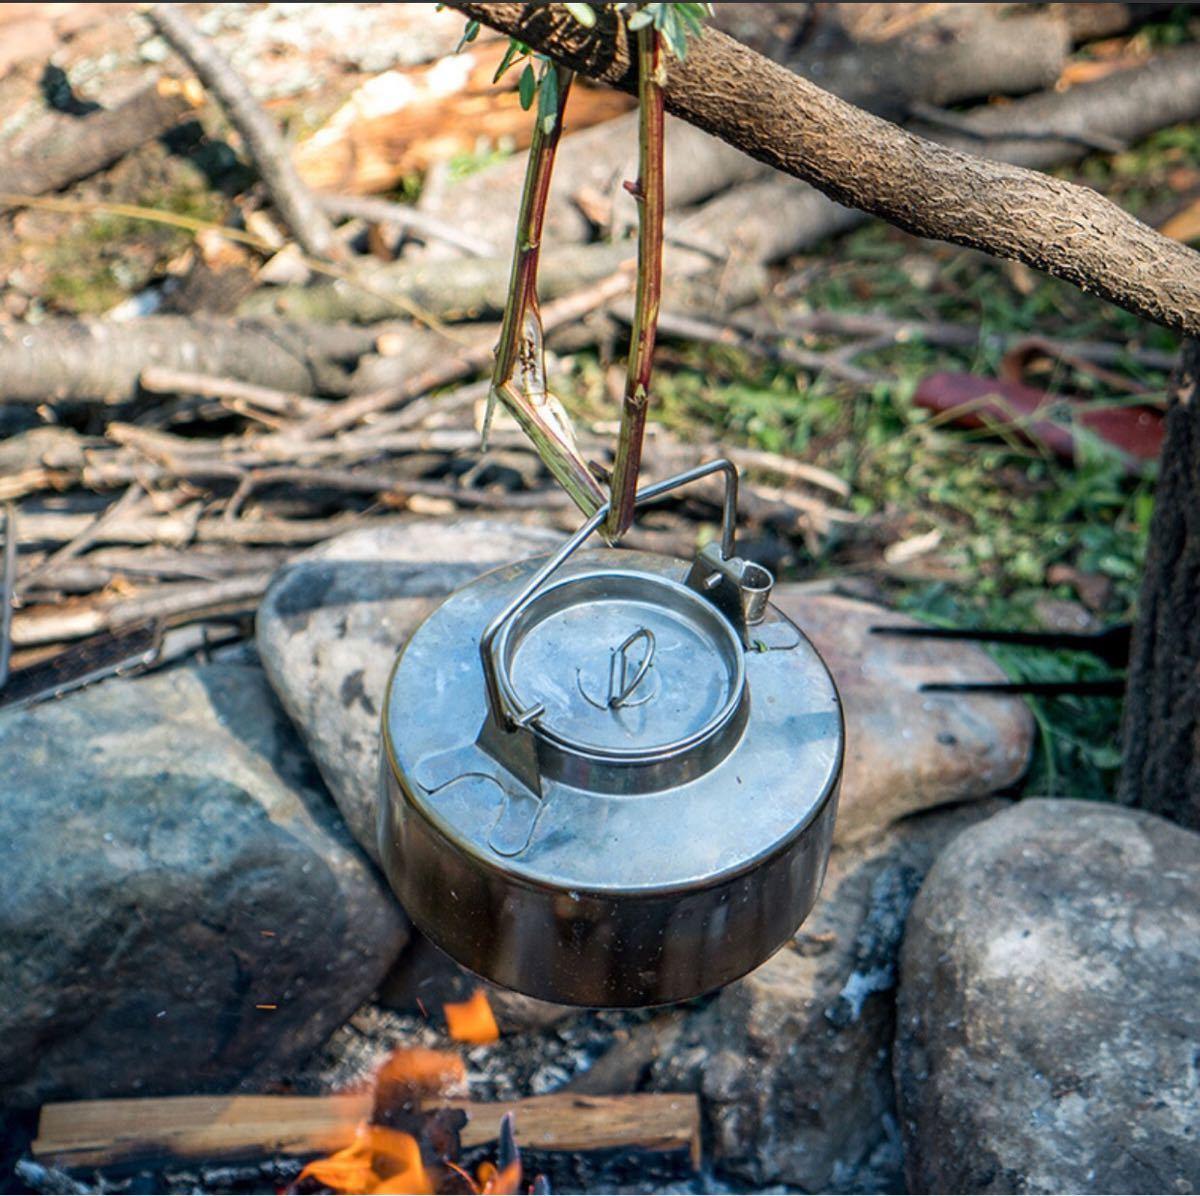 キャンプ用ステンレス製ケトル・クッカーセット